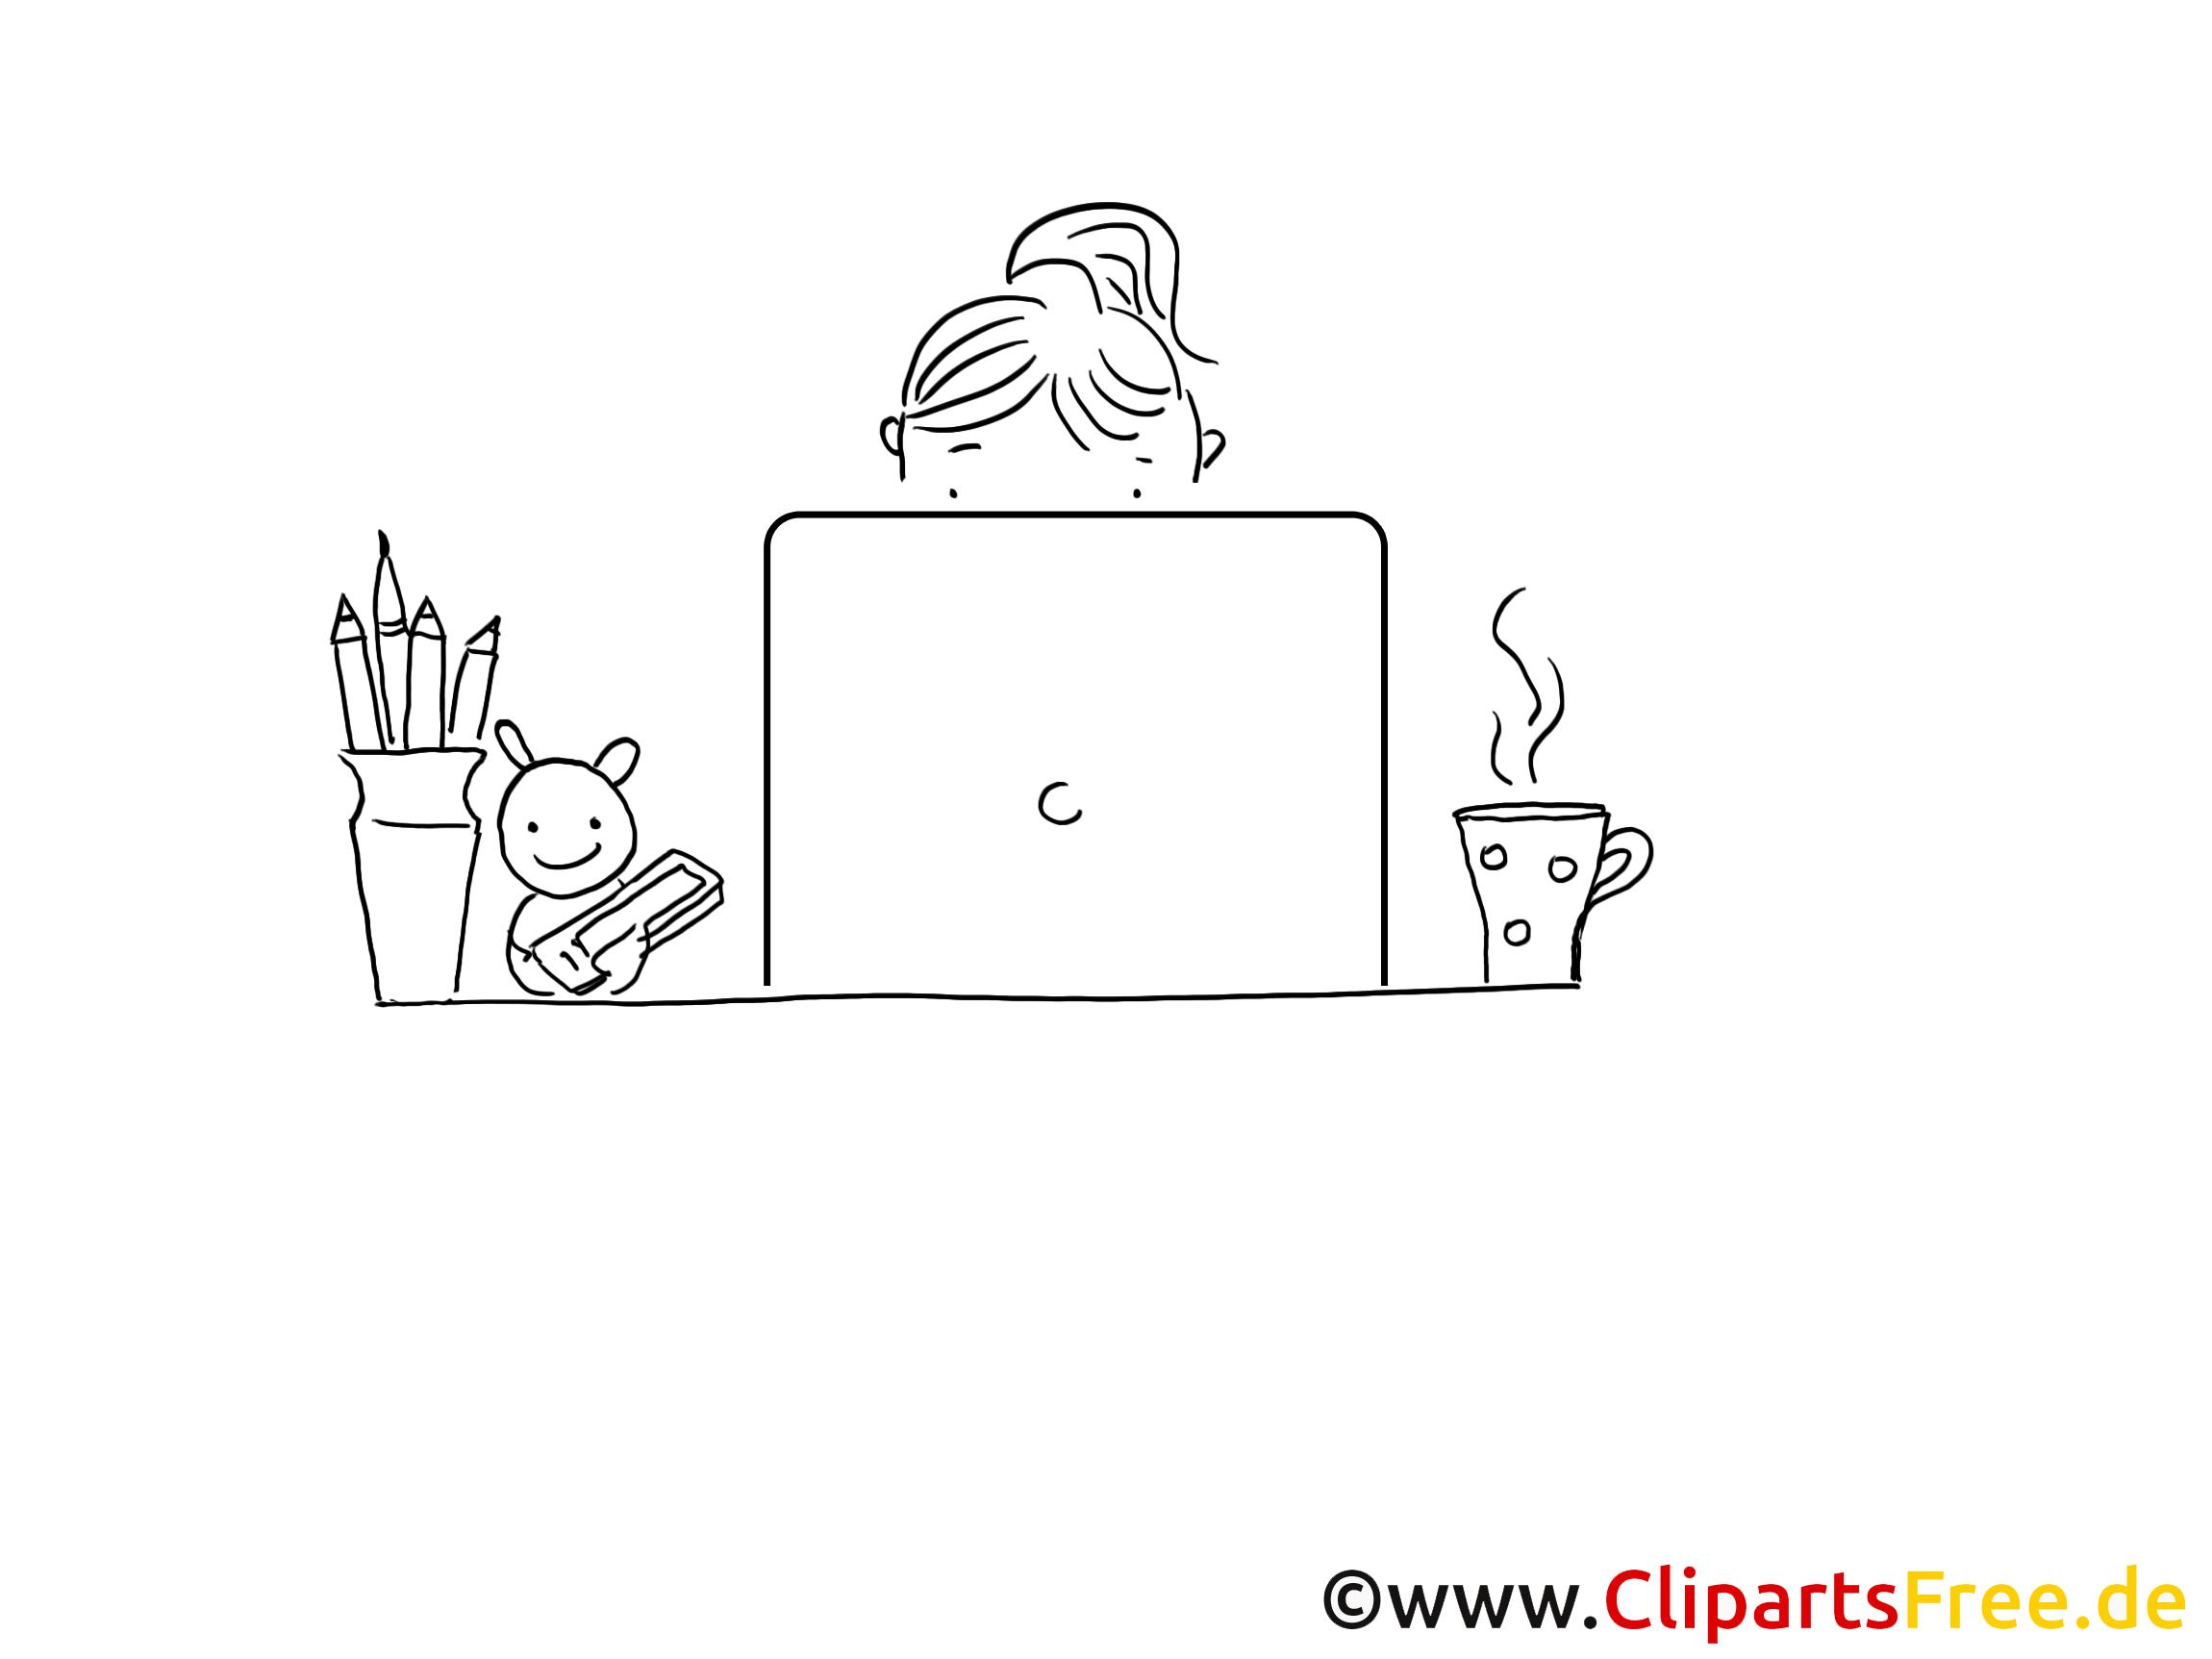 Arbeit am PC Ausmalbild zum Drucken und Ausmalen